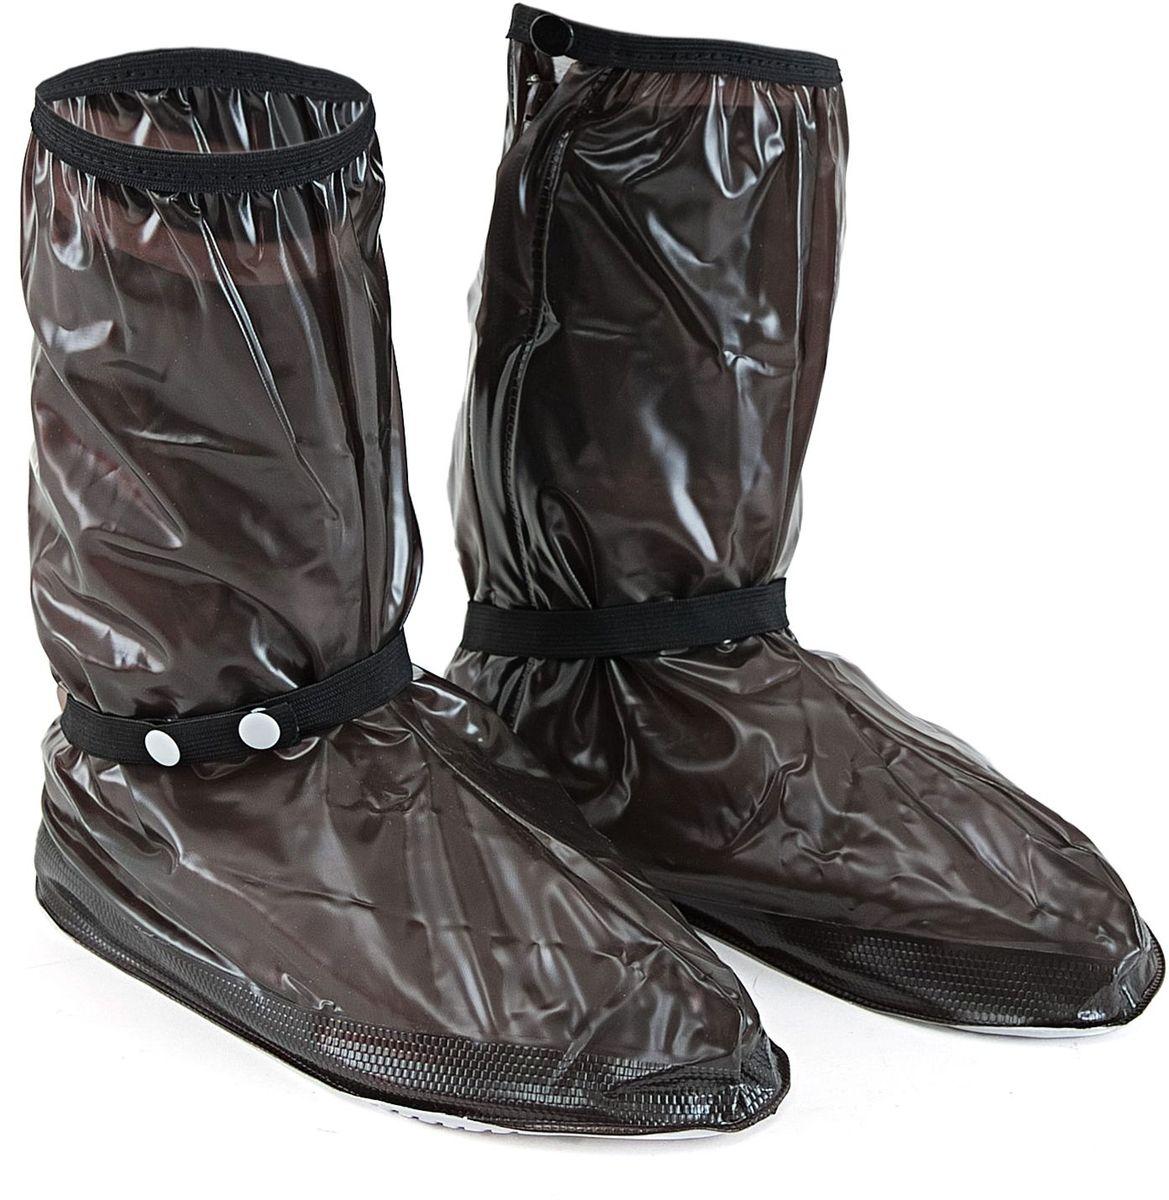 Дождевик для сапог Homsu, цвет: черный. Размер L (39/41)R-130Дожевики для сапог выполнены из прочного водонепроницаемого материала, застегиваются на молнию. Благодаря этим дождевикам ваша обувь будет сухой и чистой в любую погоду! Размер изделия: 27,5х13см